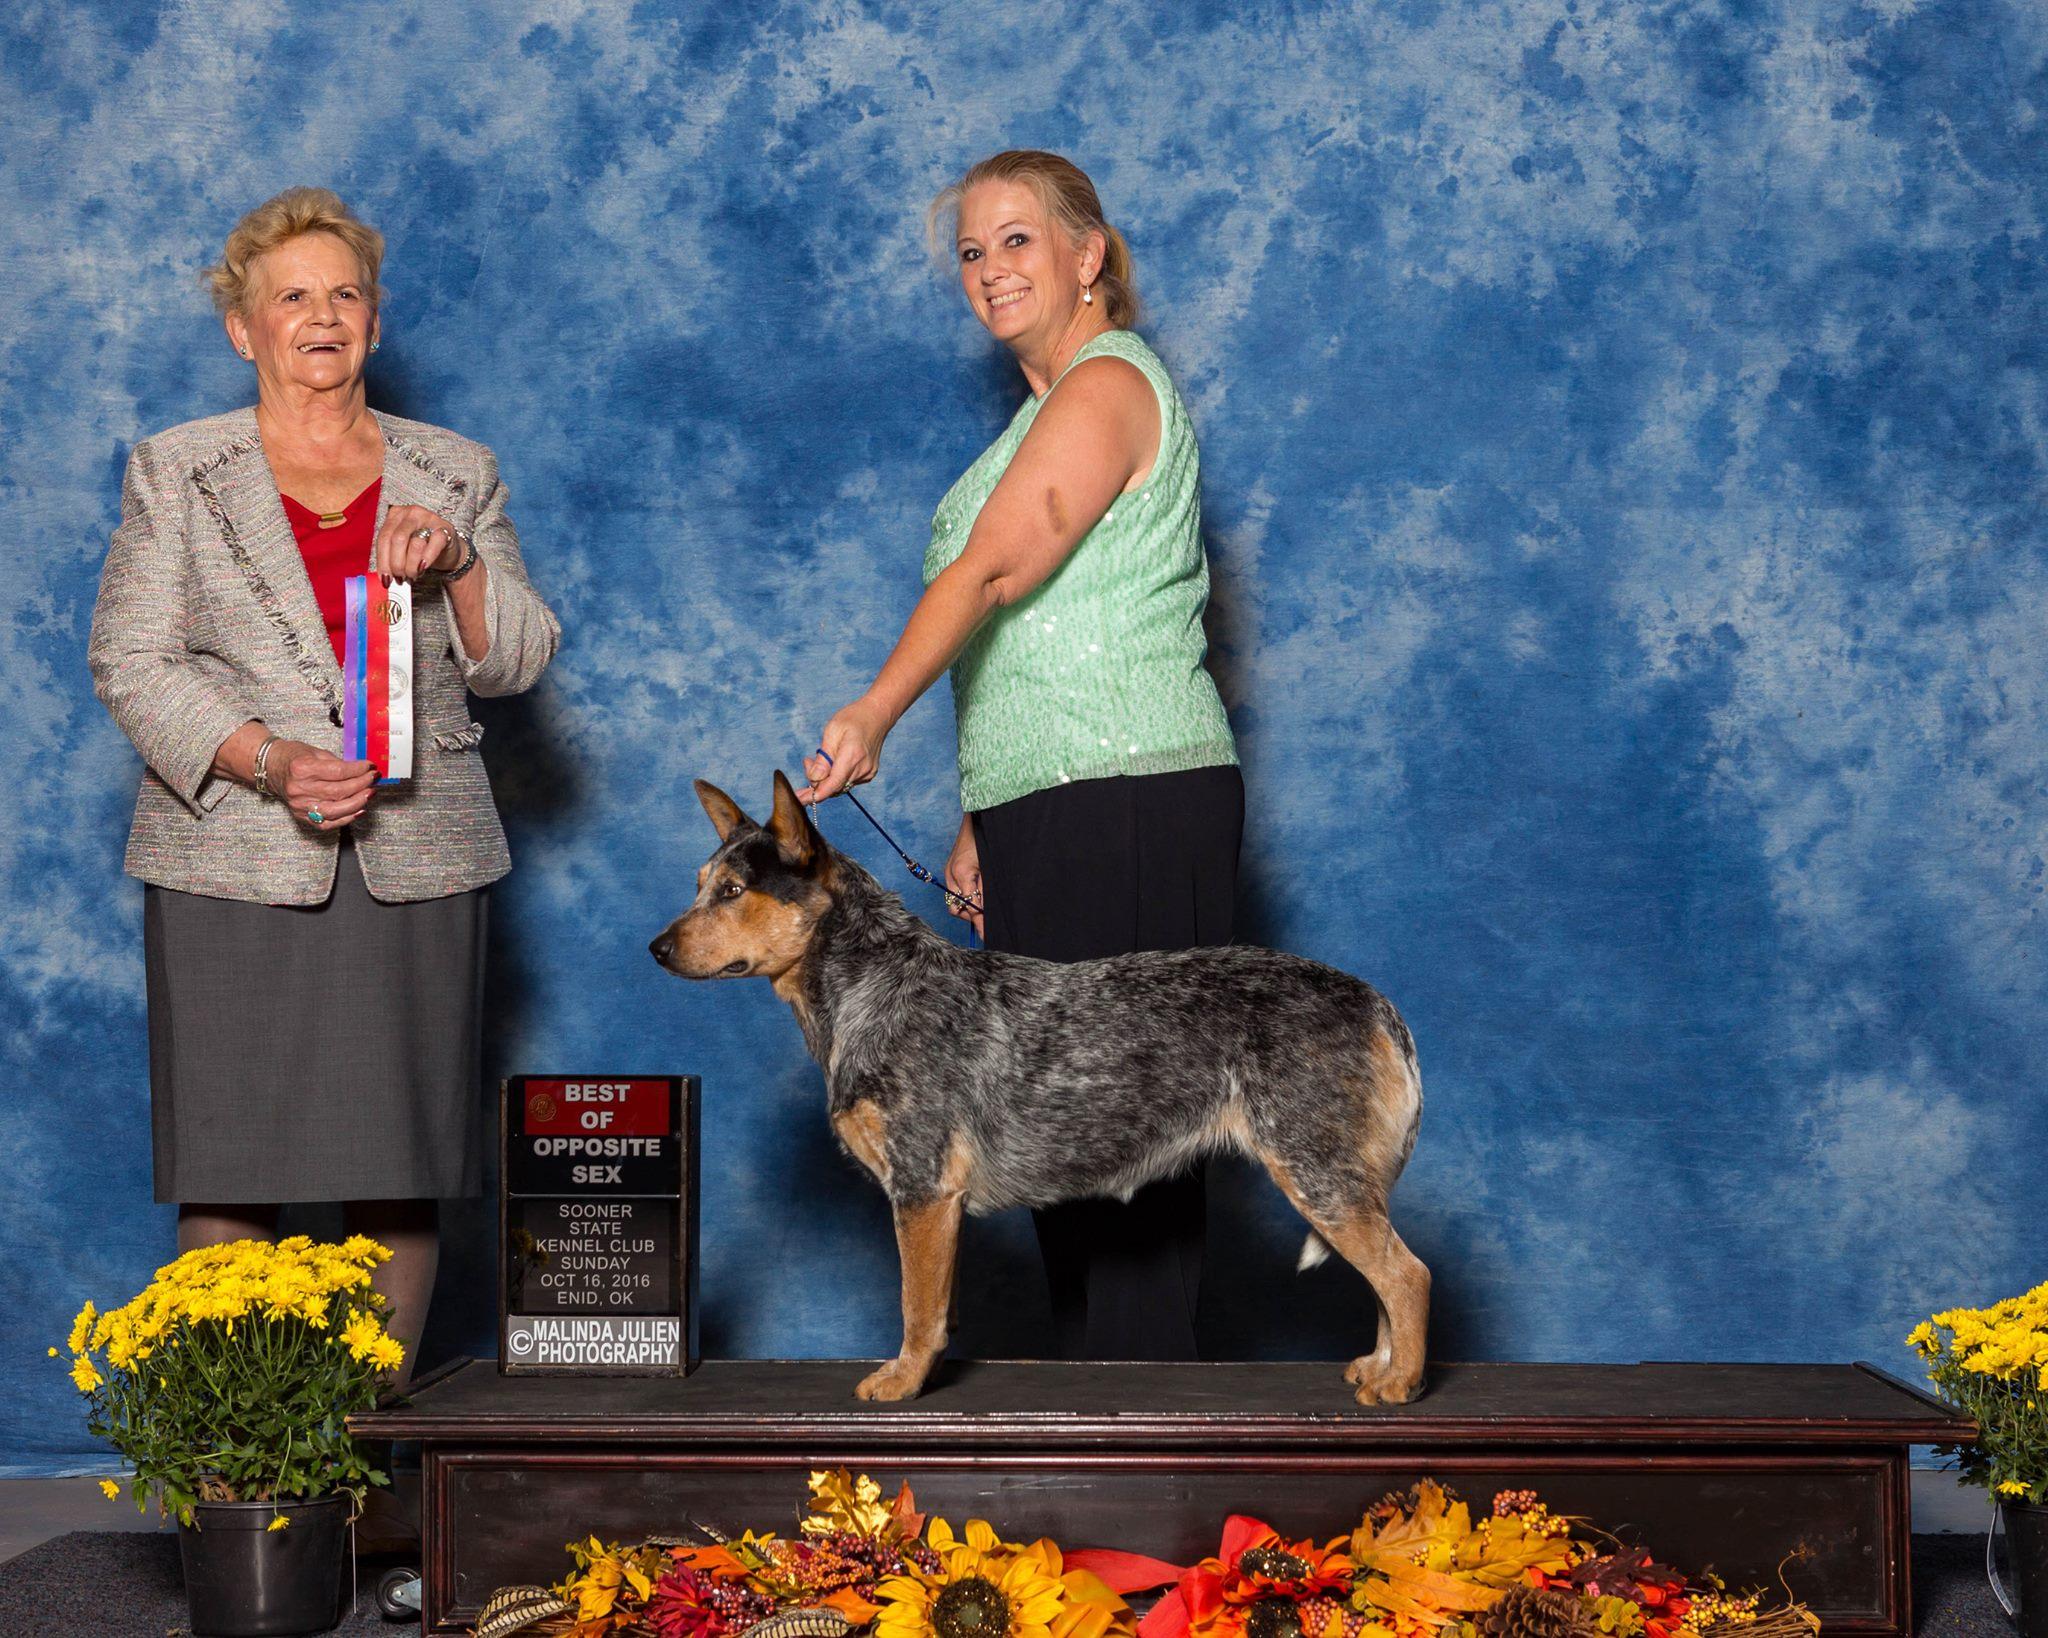 Enid Dog Show Sooner State Kennel Club